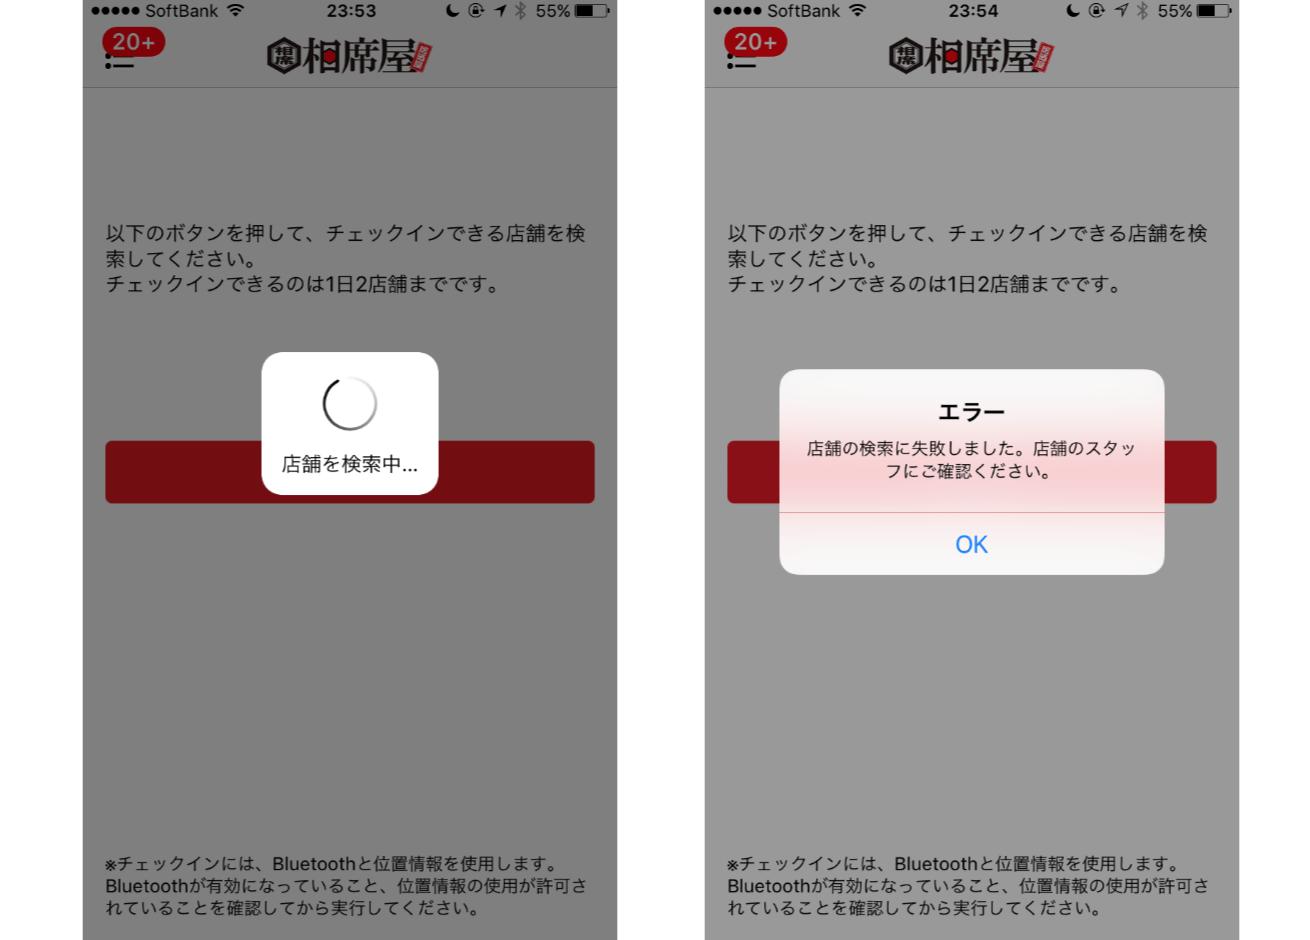 相席屋アプリのエラー画面